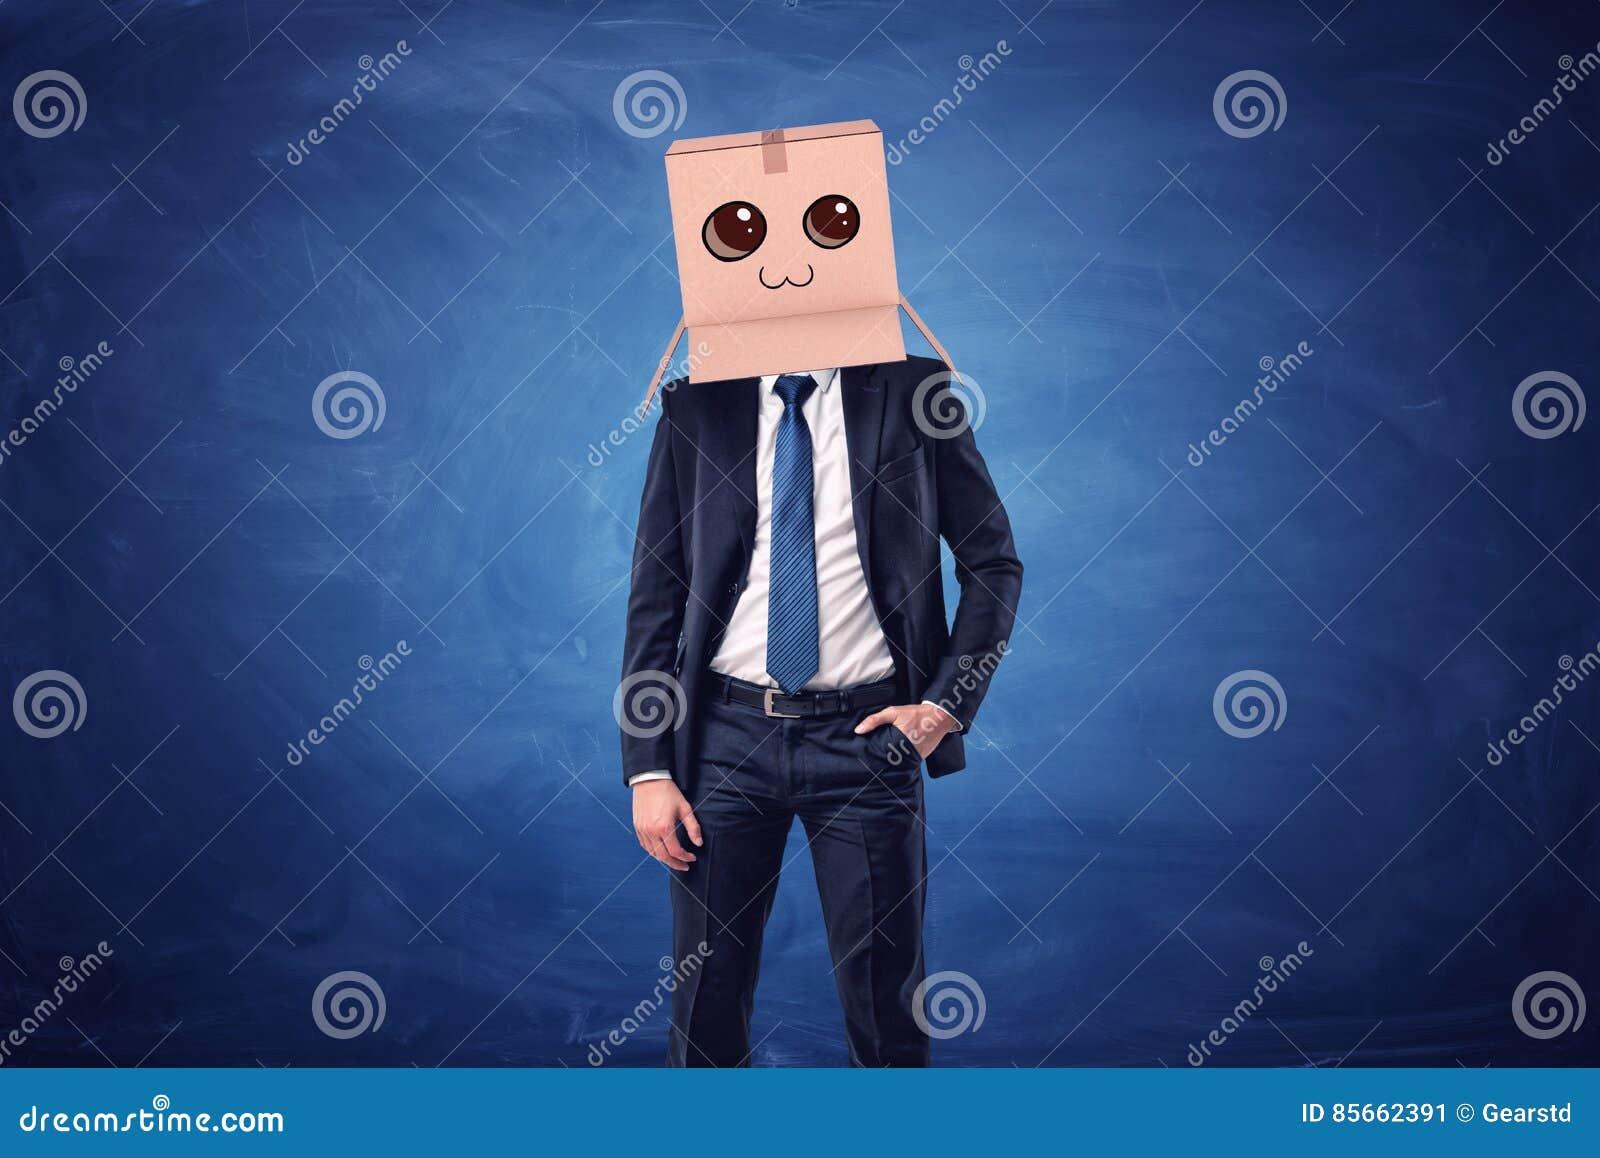 Zakenman die kartondoos met getrokken het glimlachen gezicht op zijn hoofd op blauwe achtergrond dragen